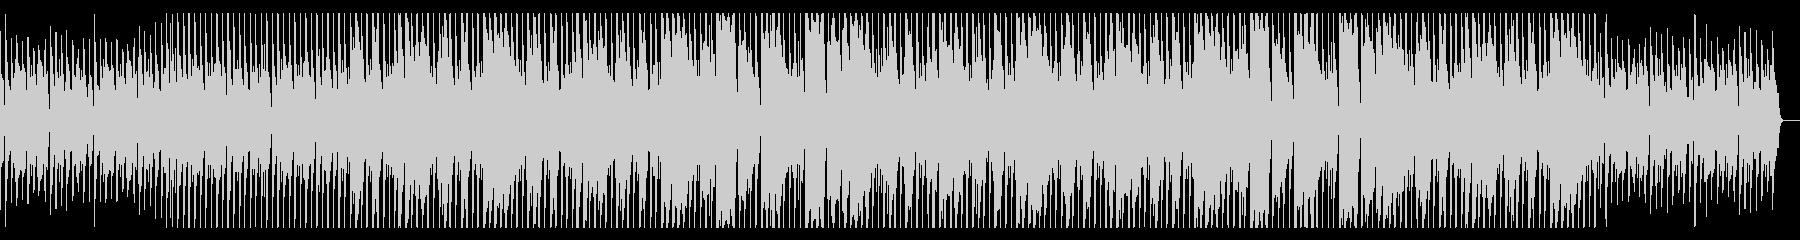 登校シーン等で使える日常系ピアノBGM。の未再生の波形